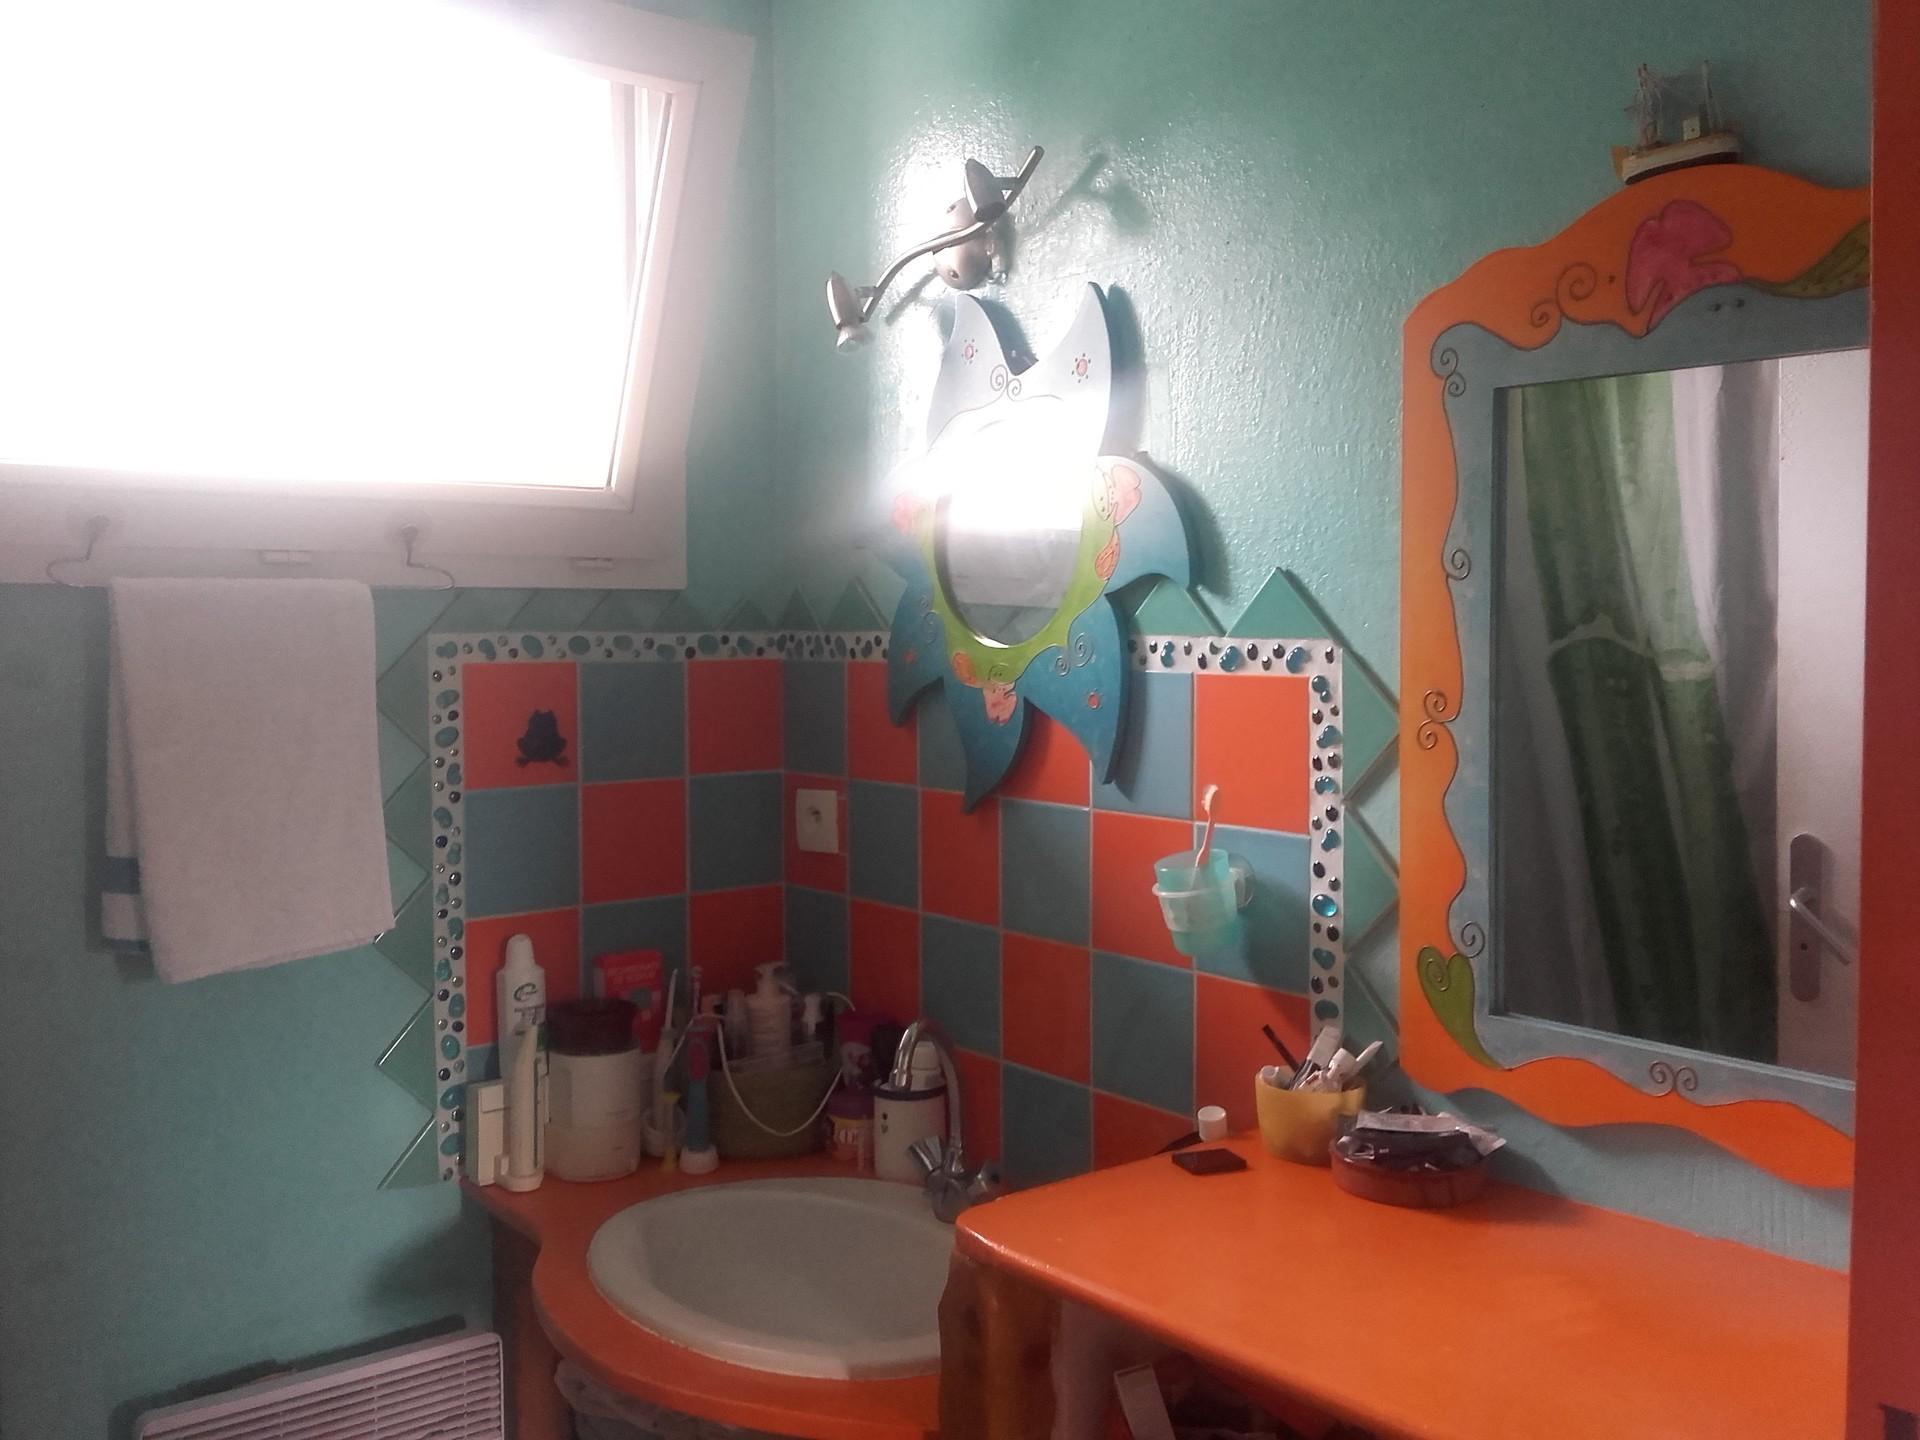 Chambre chez l 39 habitant r sidences universitaires - Location chambre chez l habitant montpellier ...